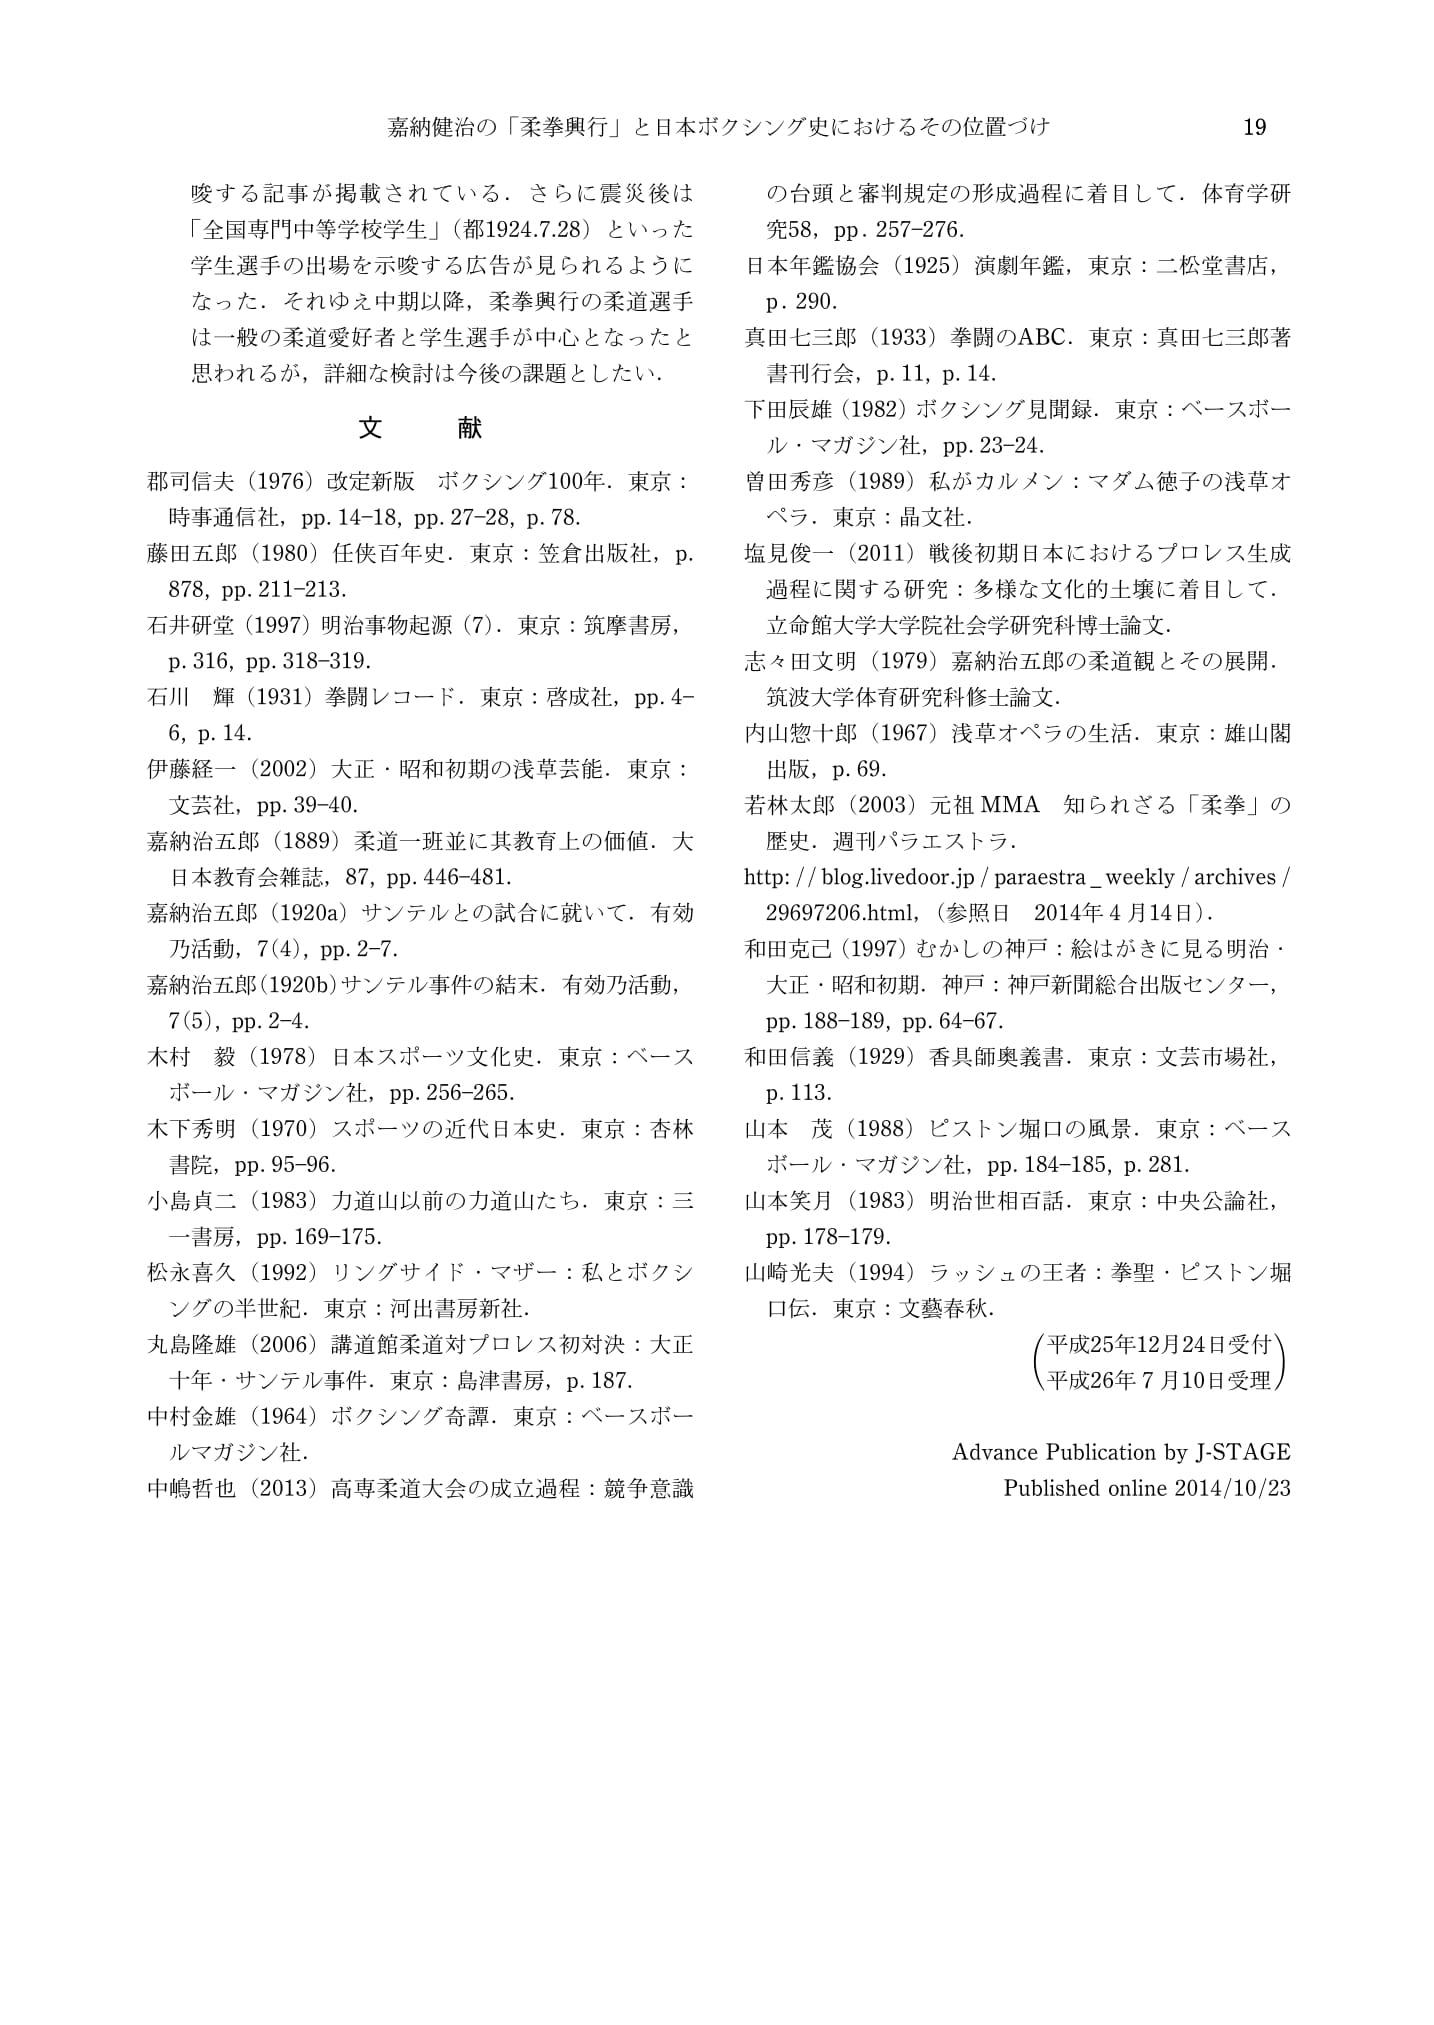 _pdf-19.jpg